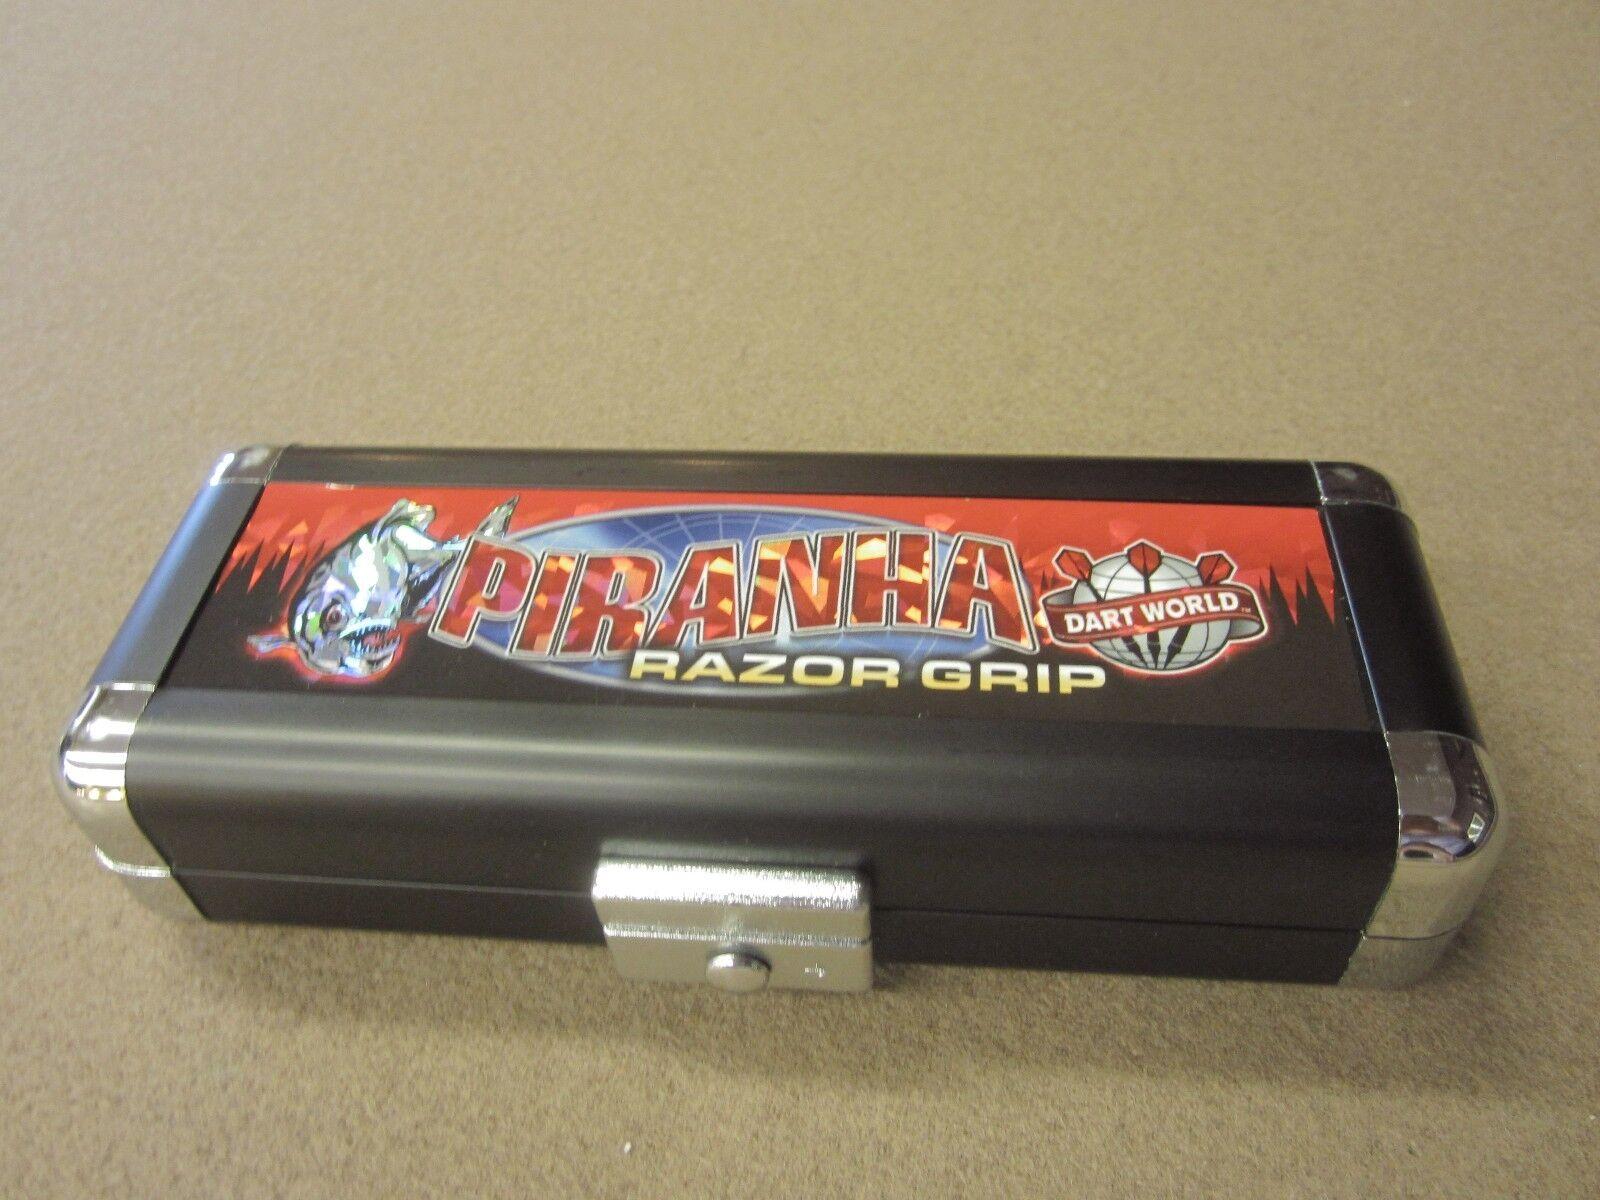 Piranha Razor Grip 24g Steel Tip Darts 90% Tungsten 19510 FREE w/ FREE 19510 Shipping c0d1c8